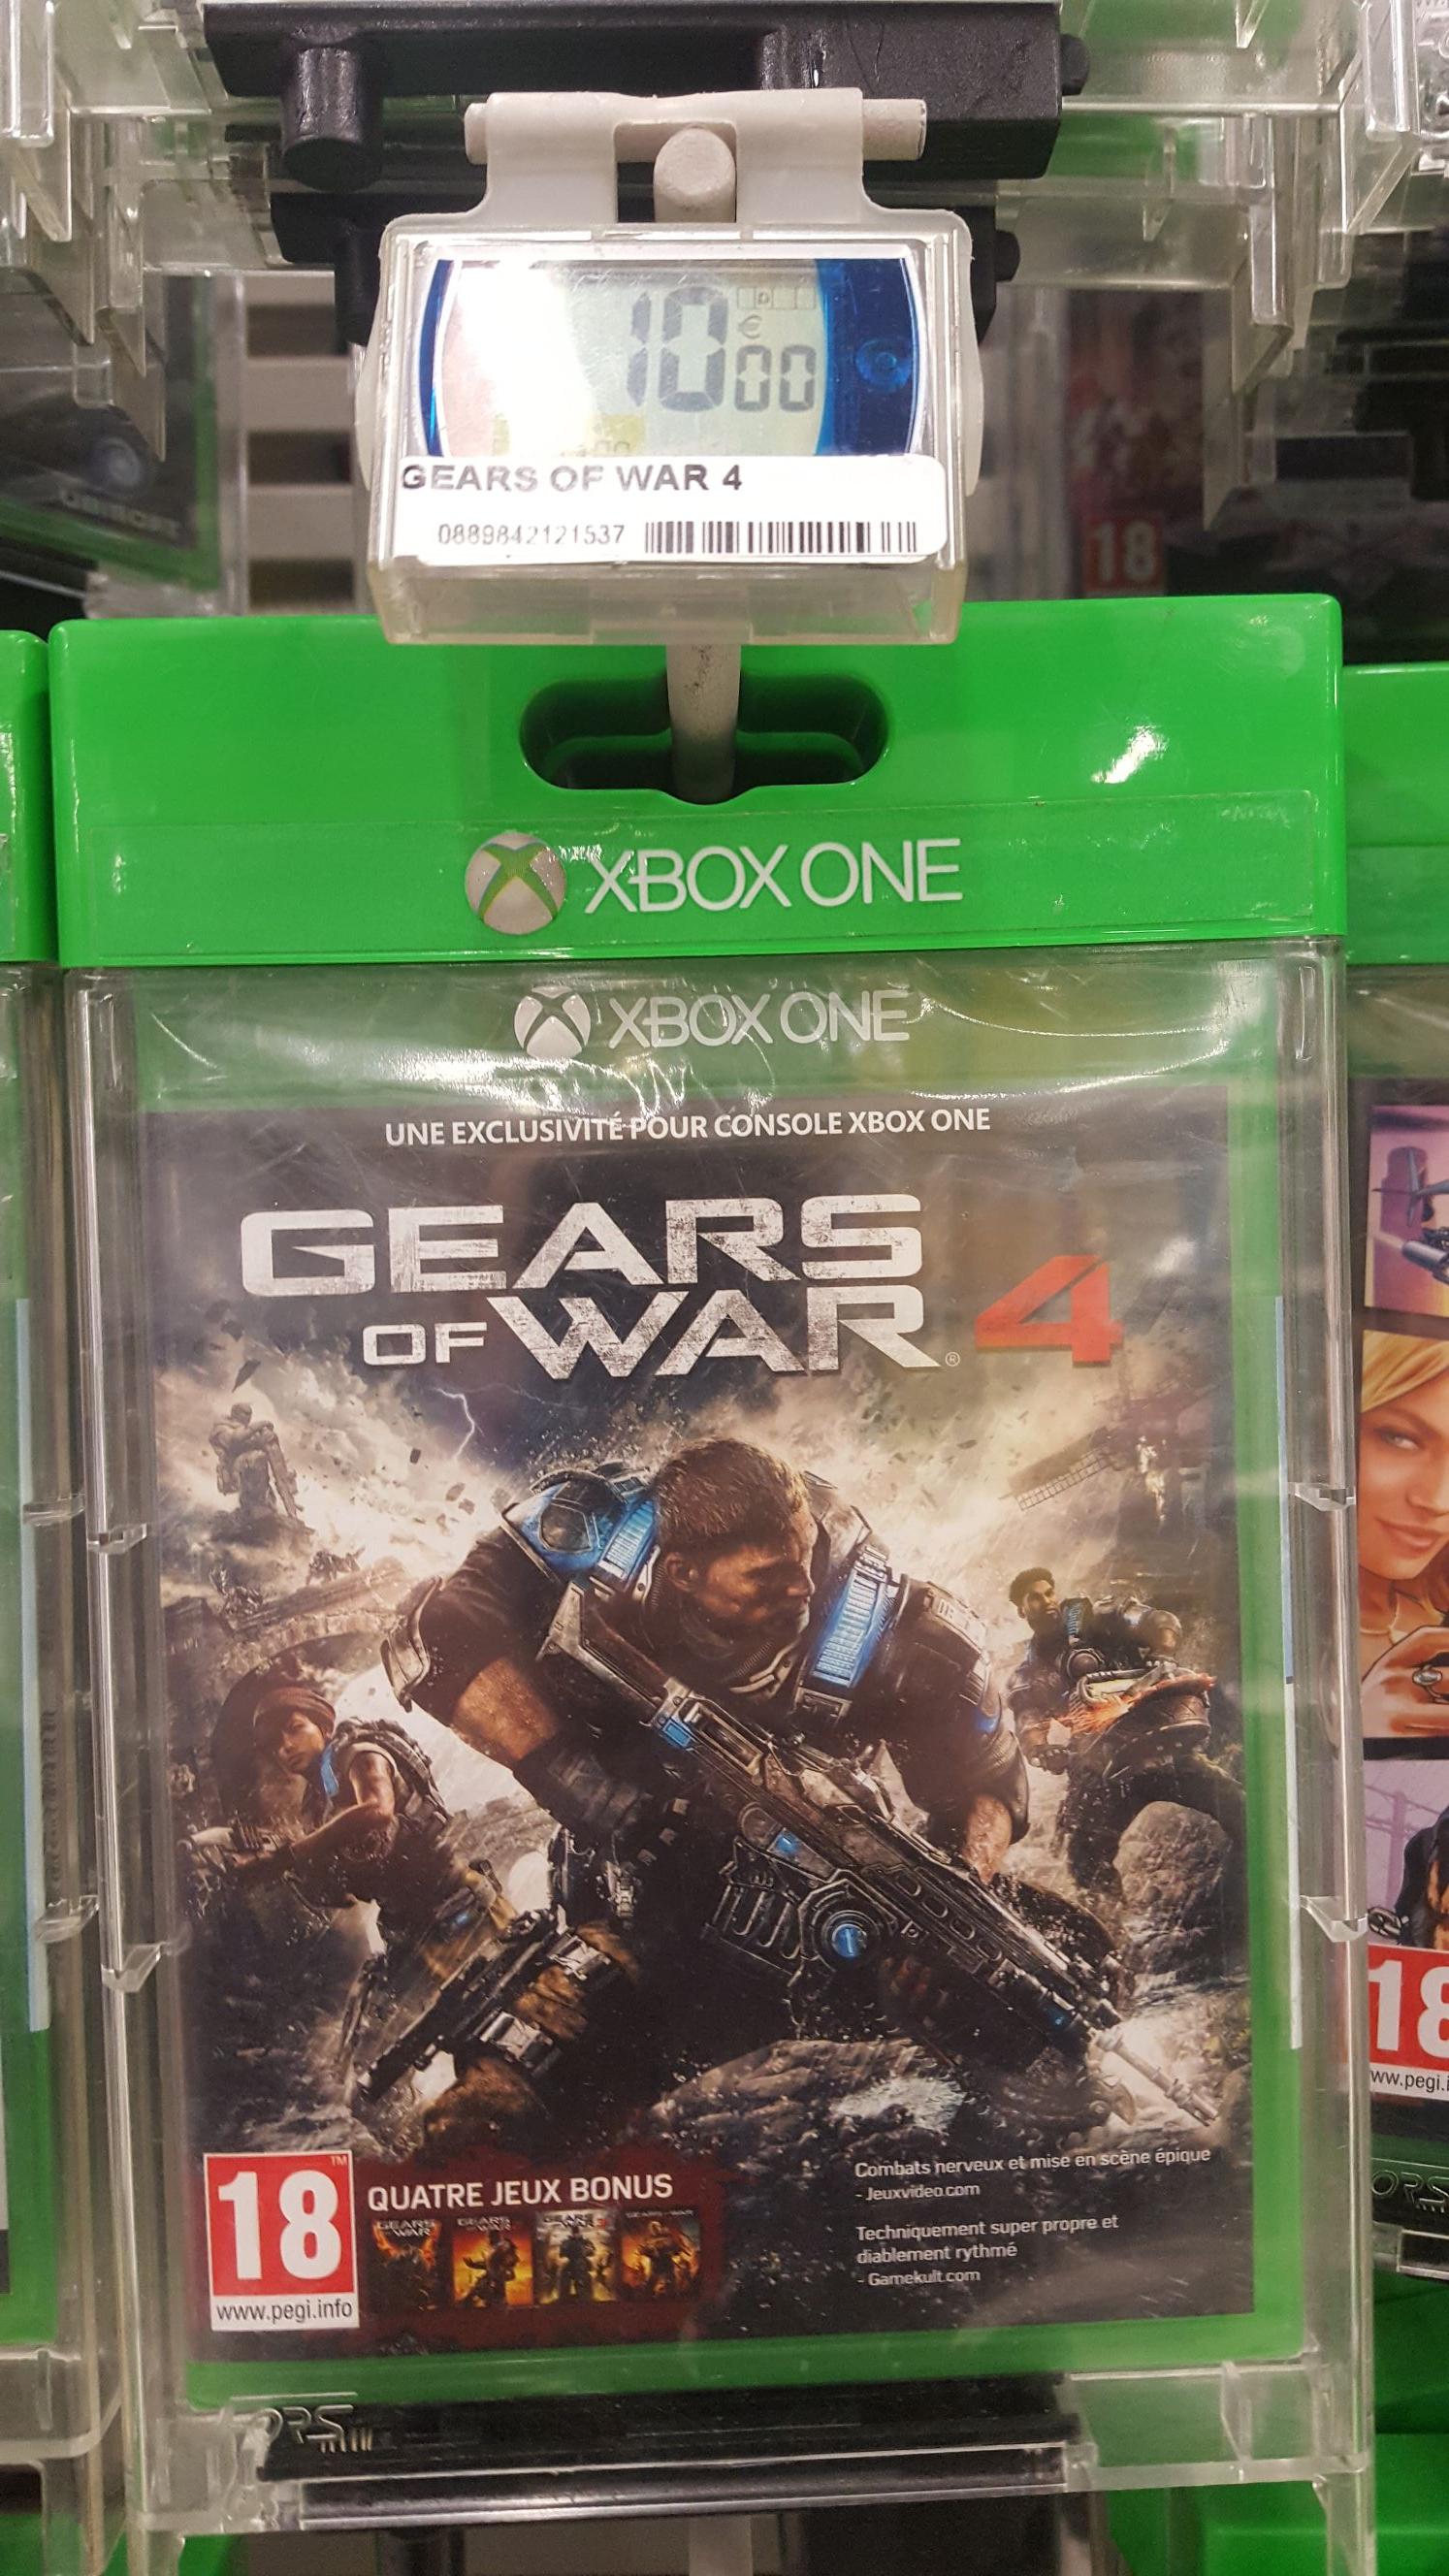 Jeu Gears of War 4 - Carrefour carré sénart (77)